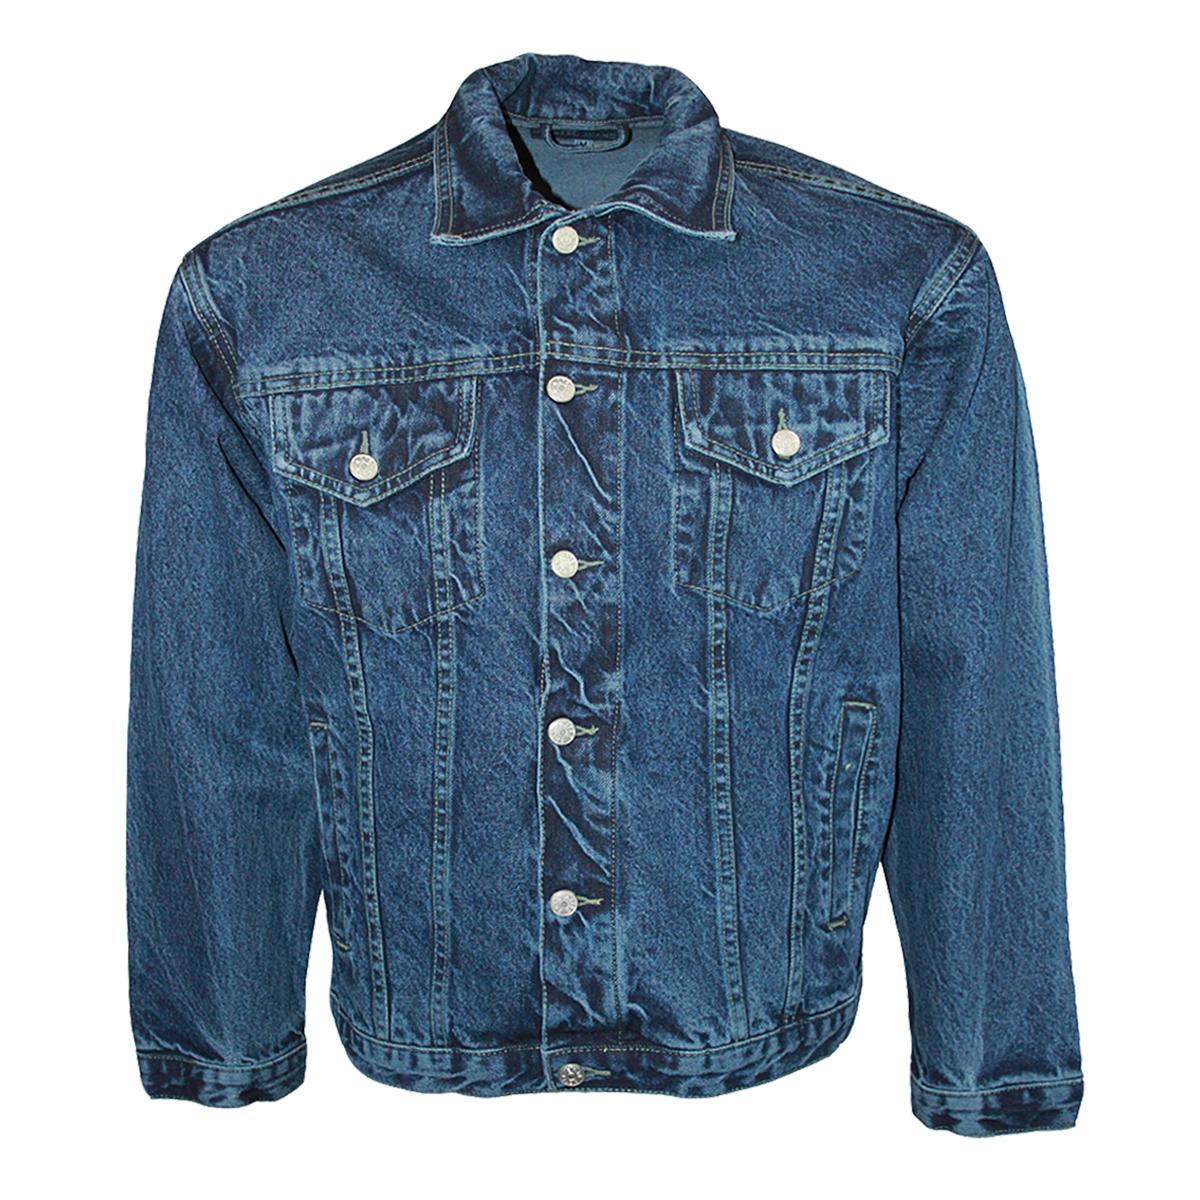 designer denim jacket jackets review